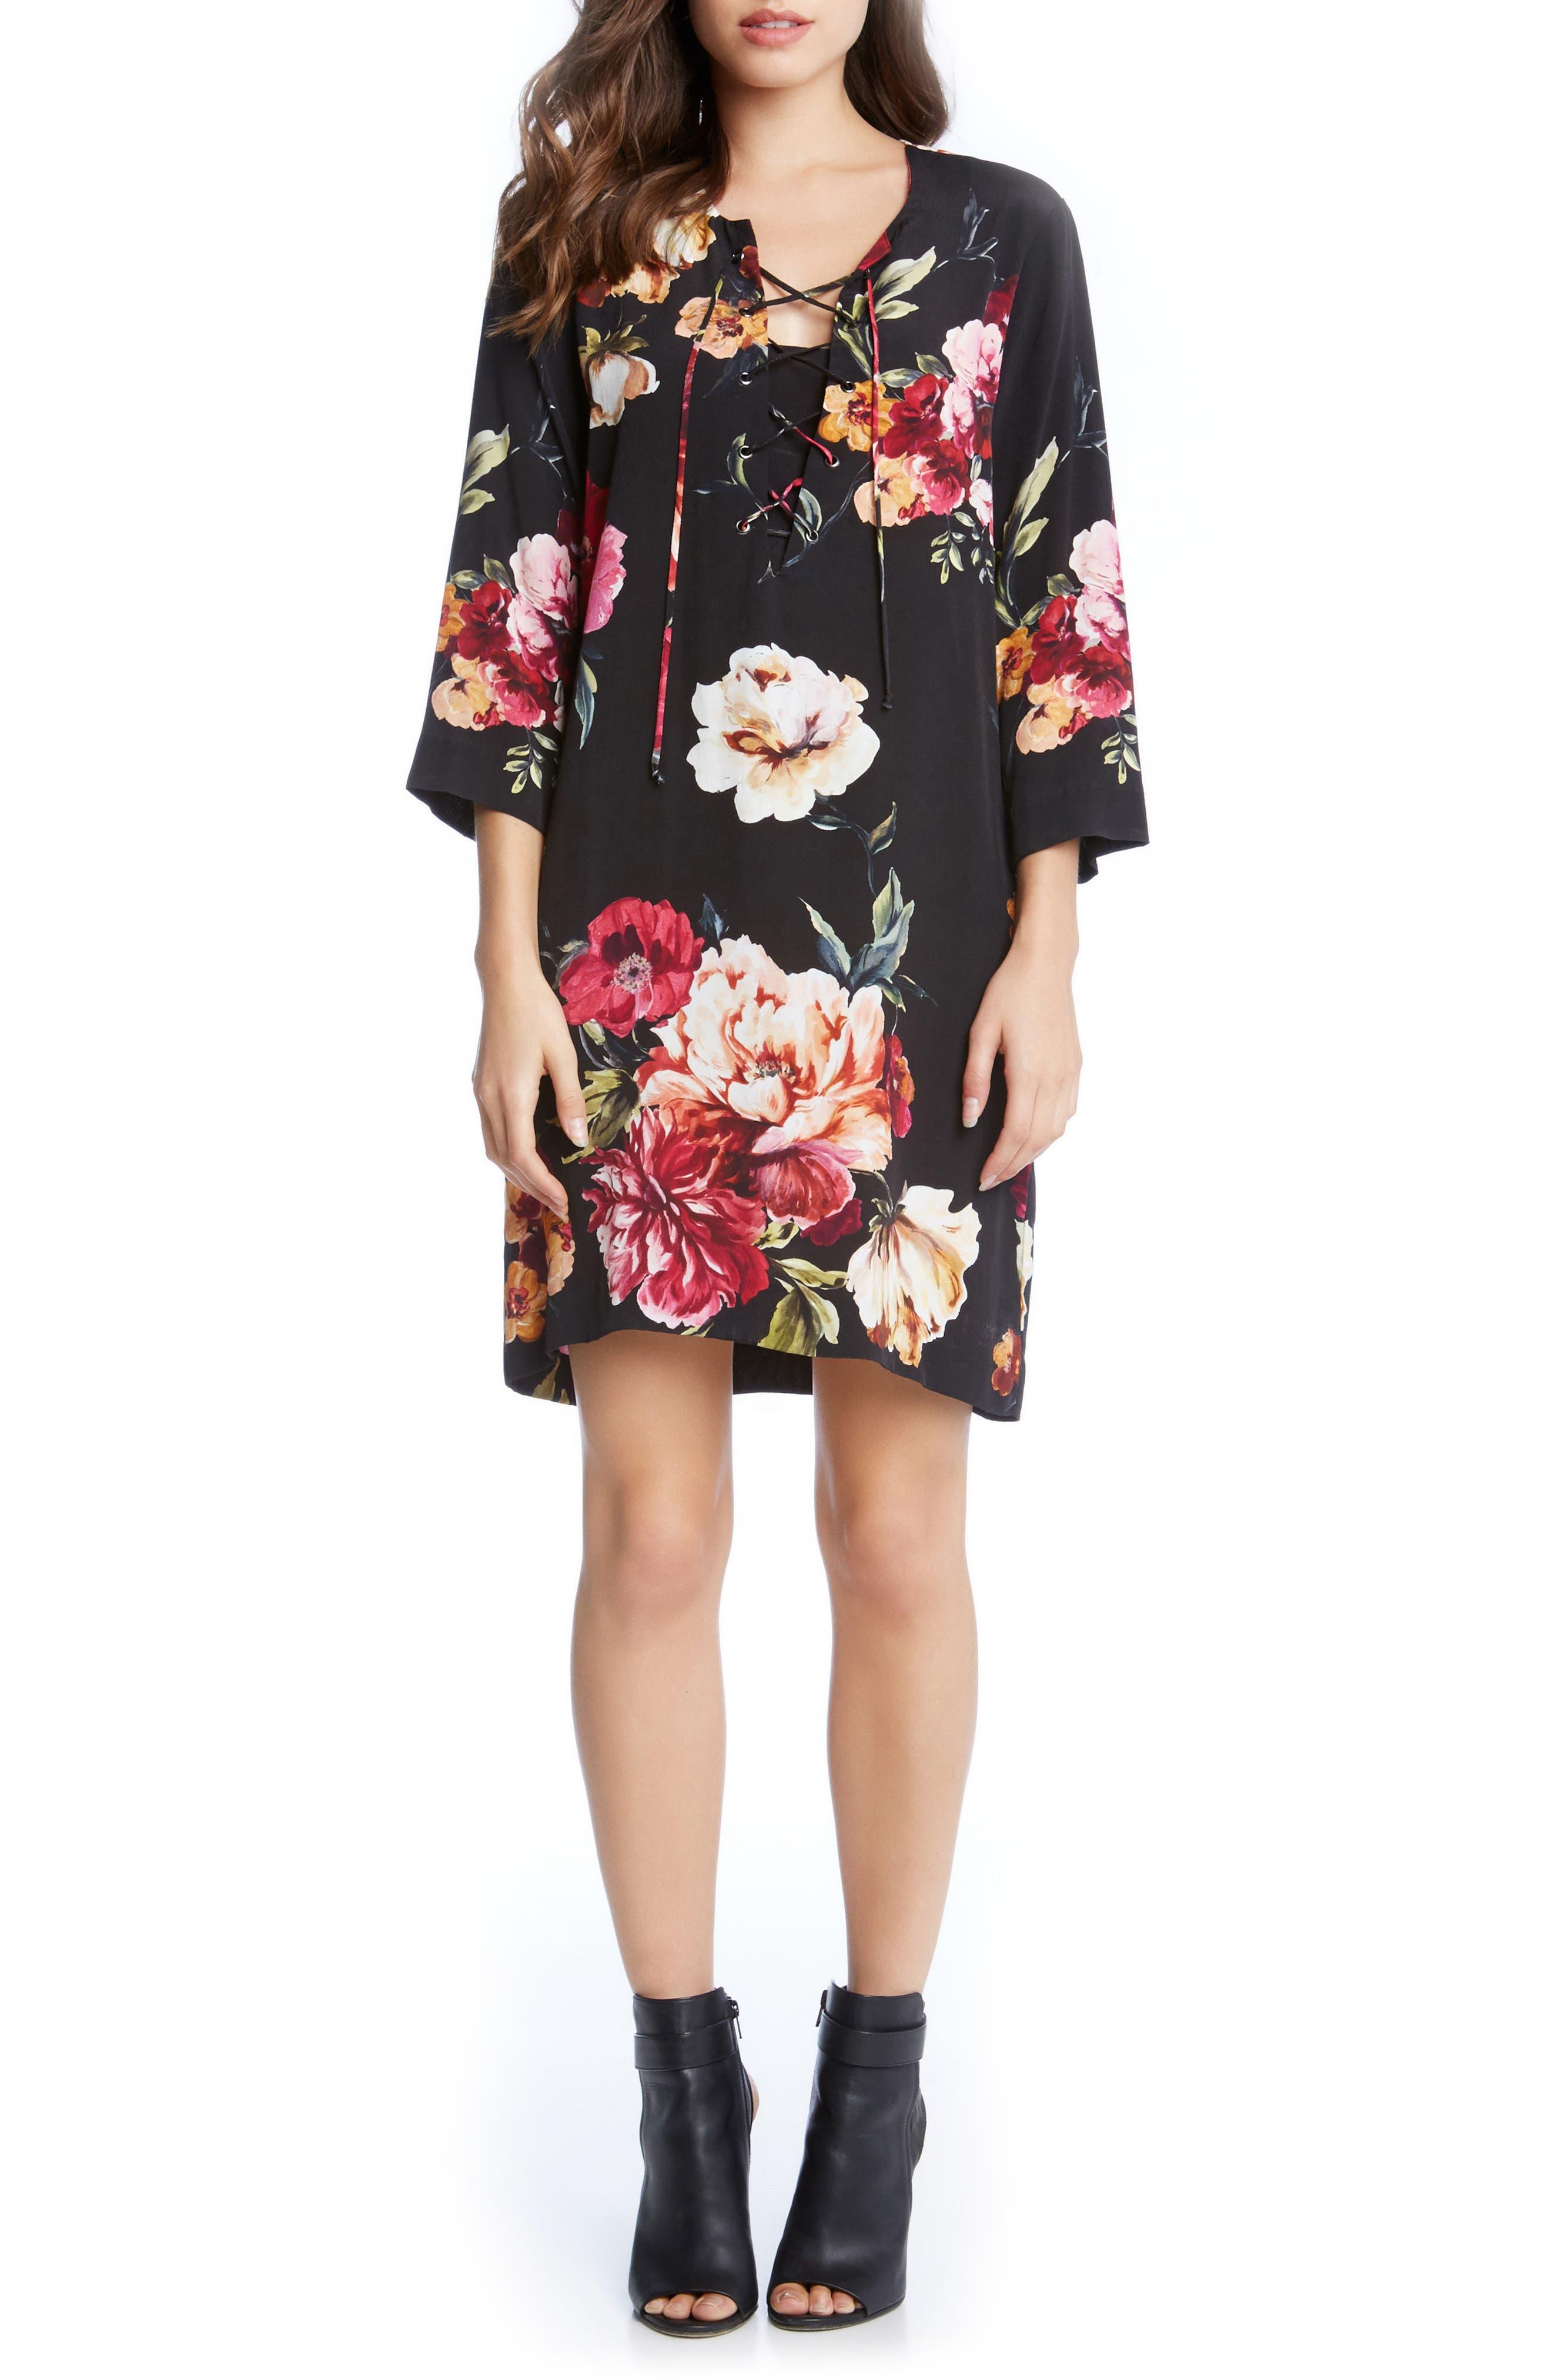 Alternate Image 1 Selected - Karen Kane Floral Lace-Up Shift Dress